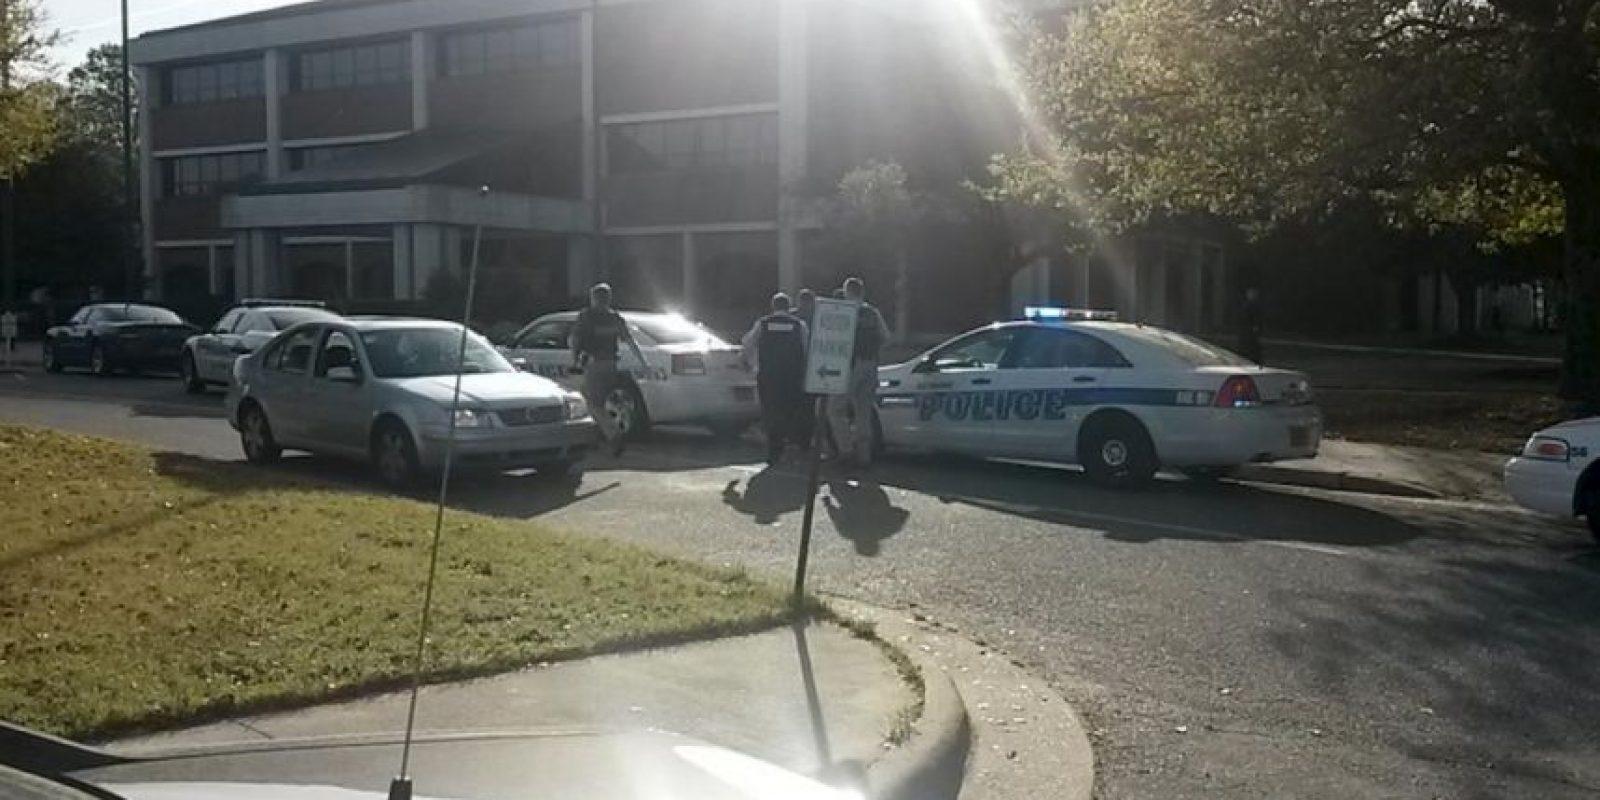 Las autoridades cerraron el campus Foto:Vía Twitter @NewArgusCops